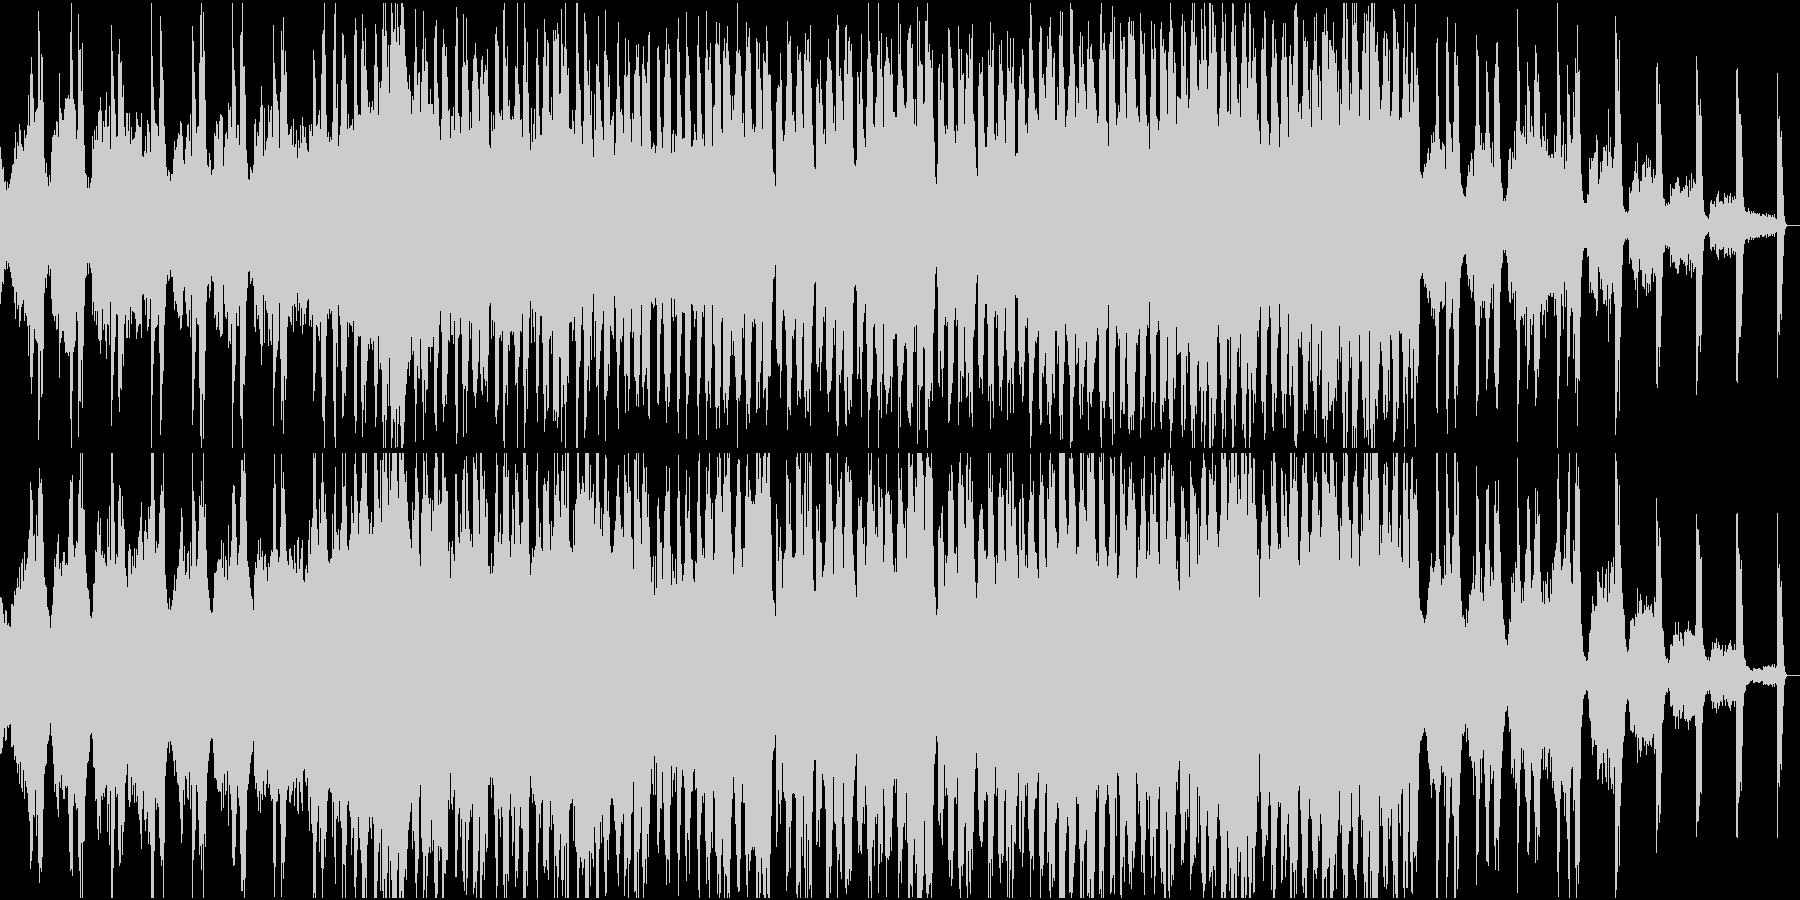 何かの予兆を感じさせるBGMの未再生の波形